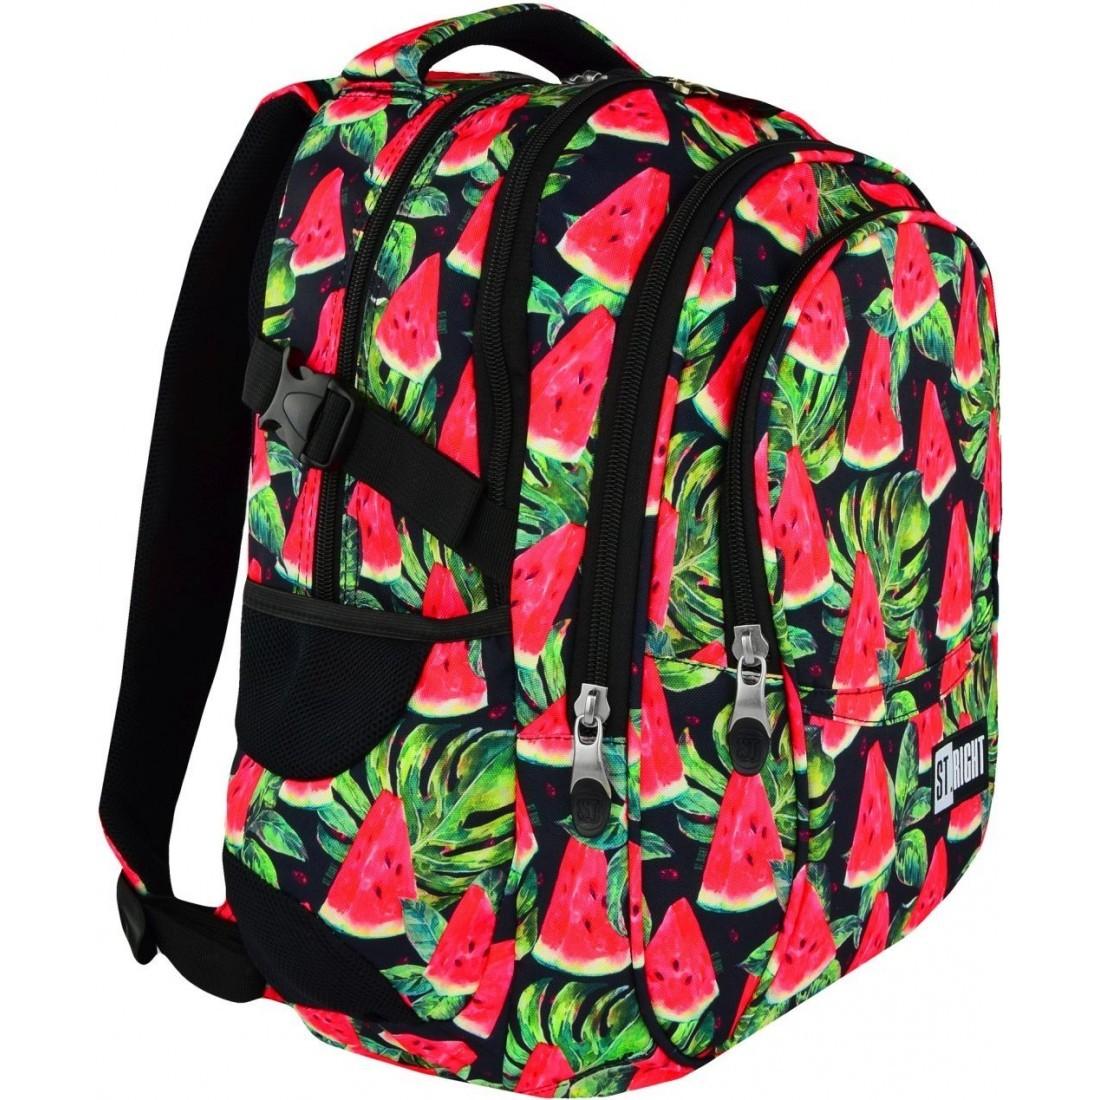 Plecak szkolny ST.RIGHT WATERMELON czerwony arbuzy BP01